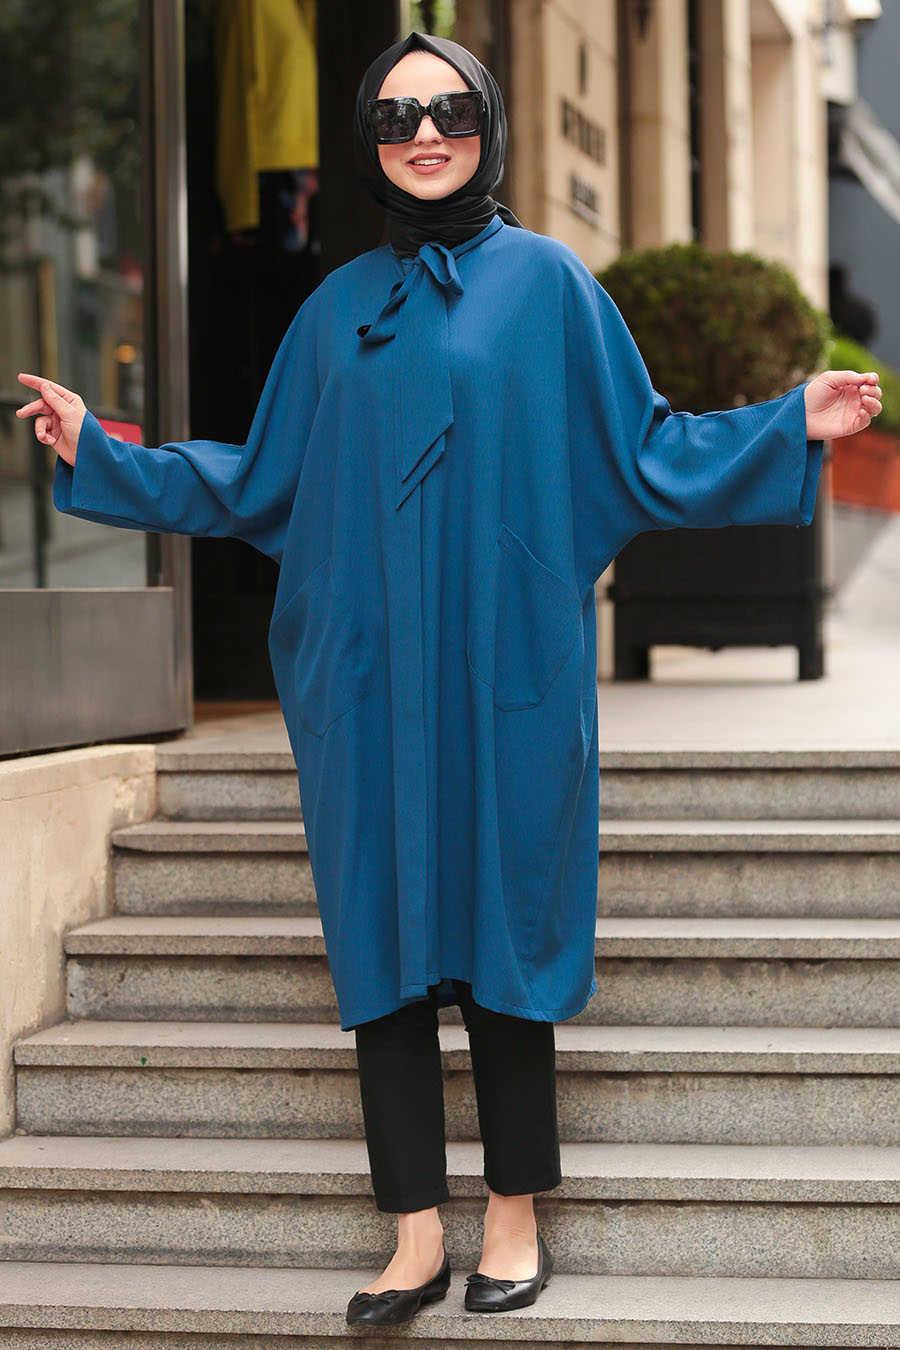 Neva Style - Indigo Blue Hijab Tunic 5003IM